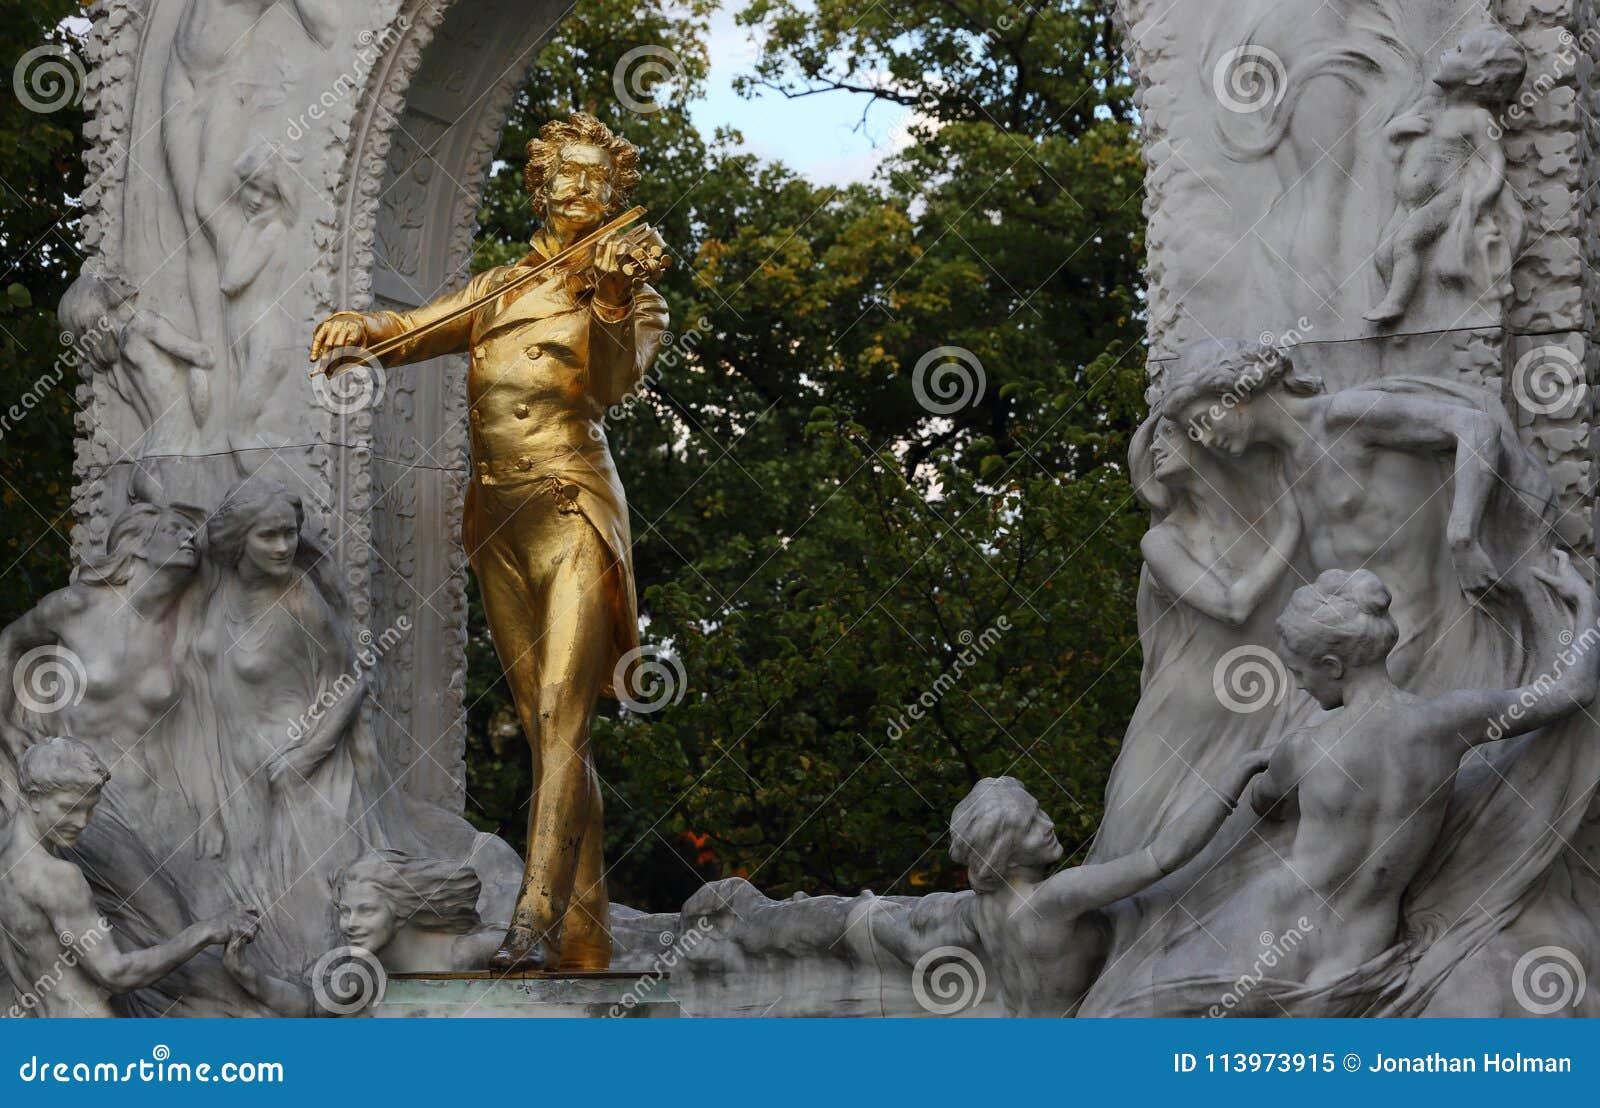 Strauss Statue in Vienna, Austria, Wien. Music, Composer. Golden Statue.